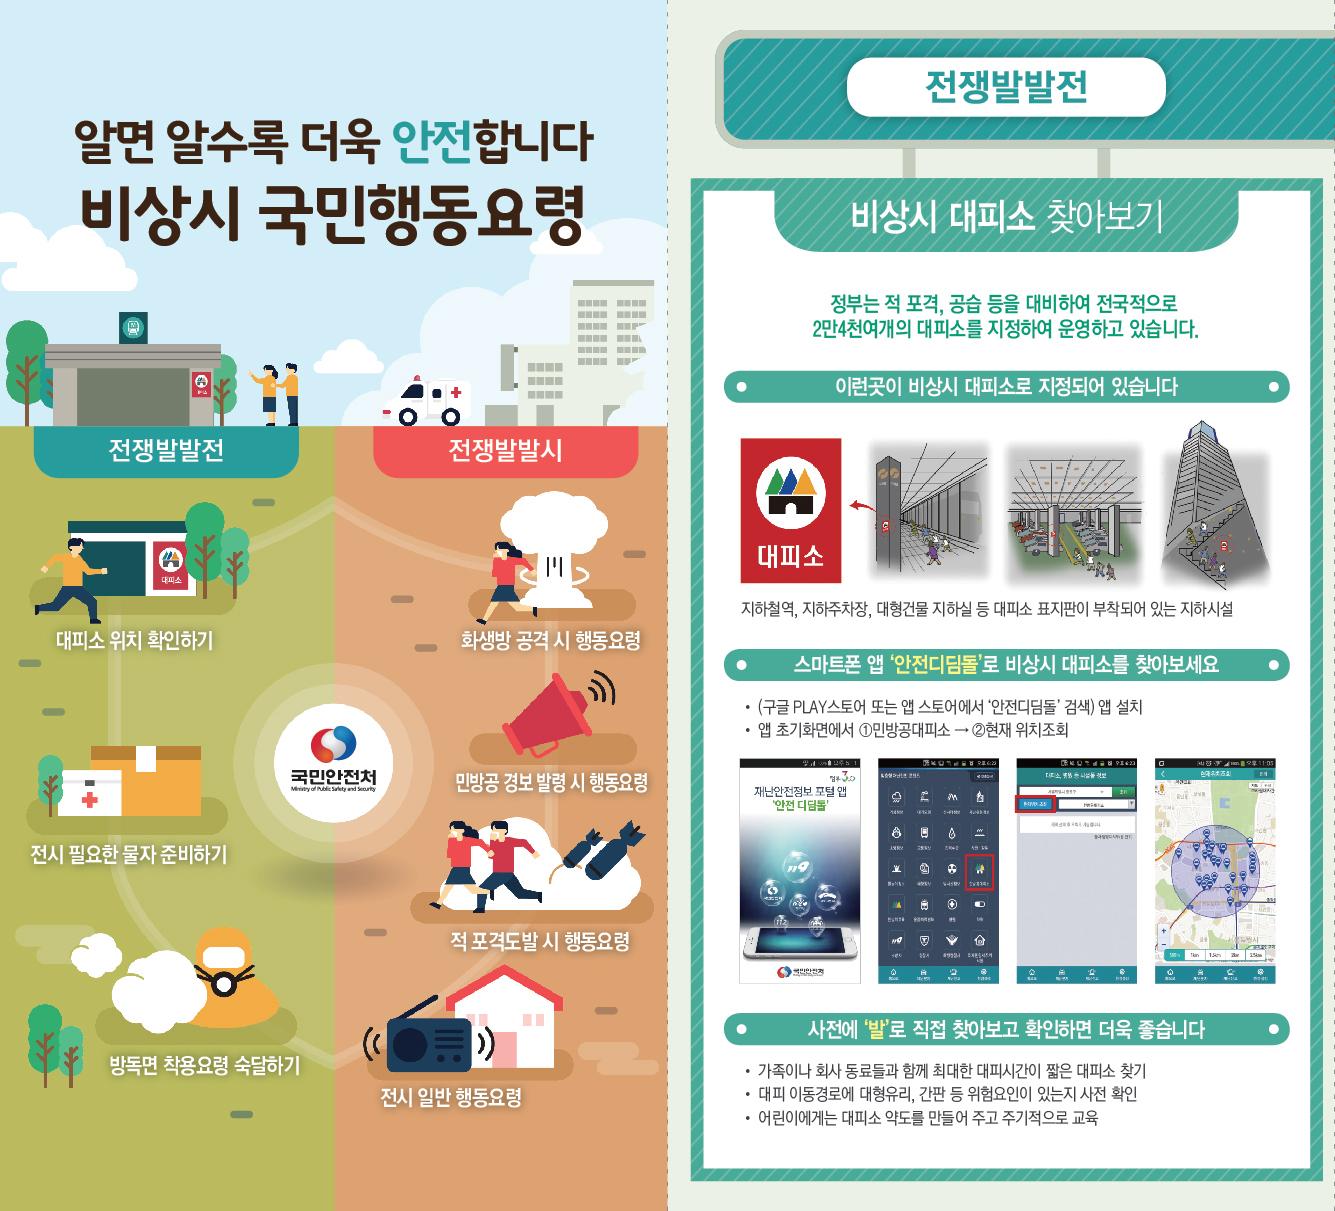 [붙임 4] 비상시 국민행동요령 홍보 리플릿_1페이지